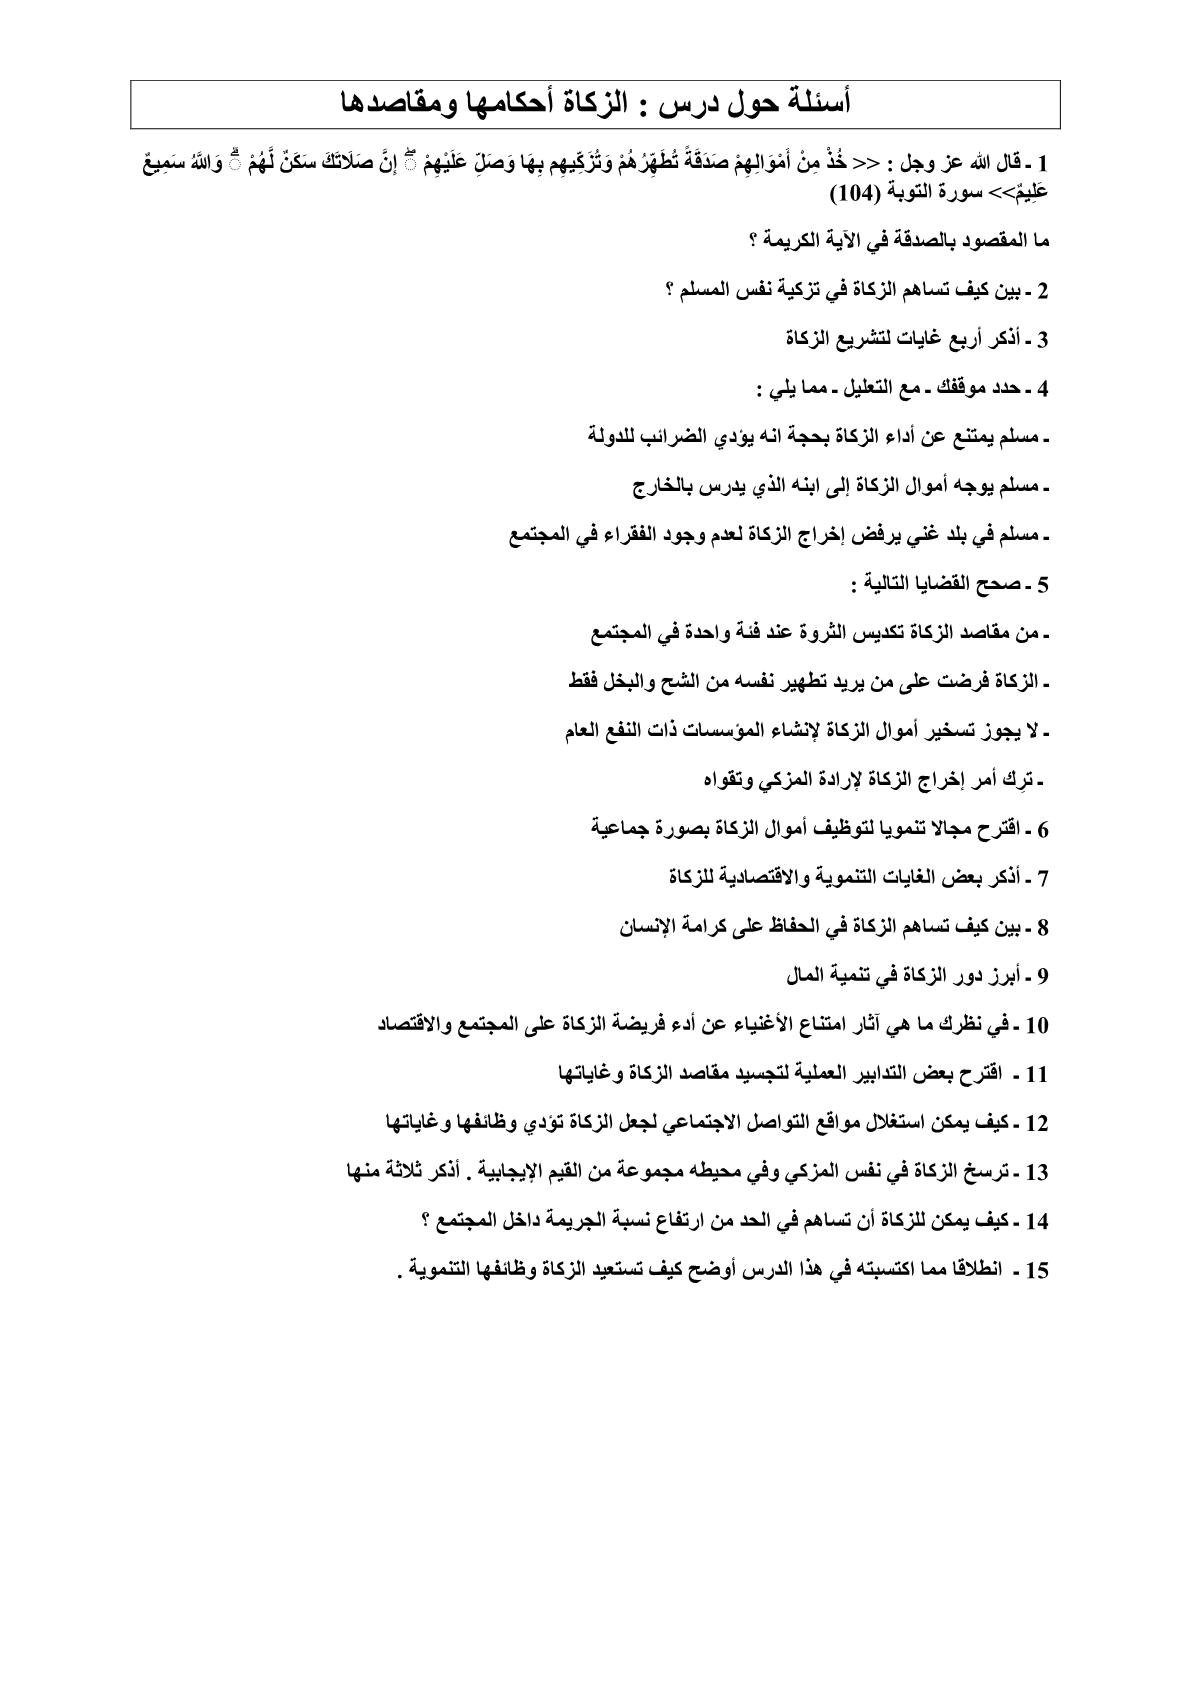 تمارين وأسئلة درس الزكاة وأحكامها ومقاصدها للسنة الثالثة اعدادي